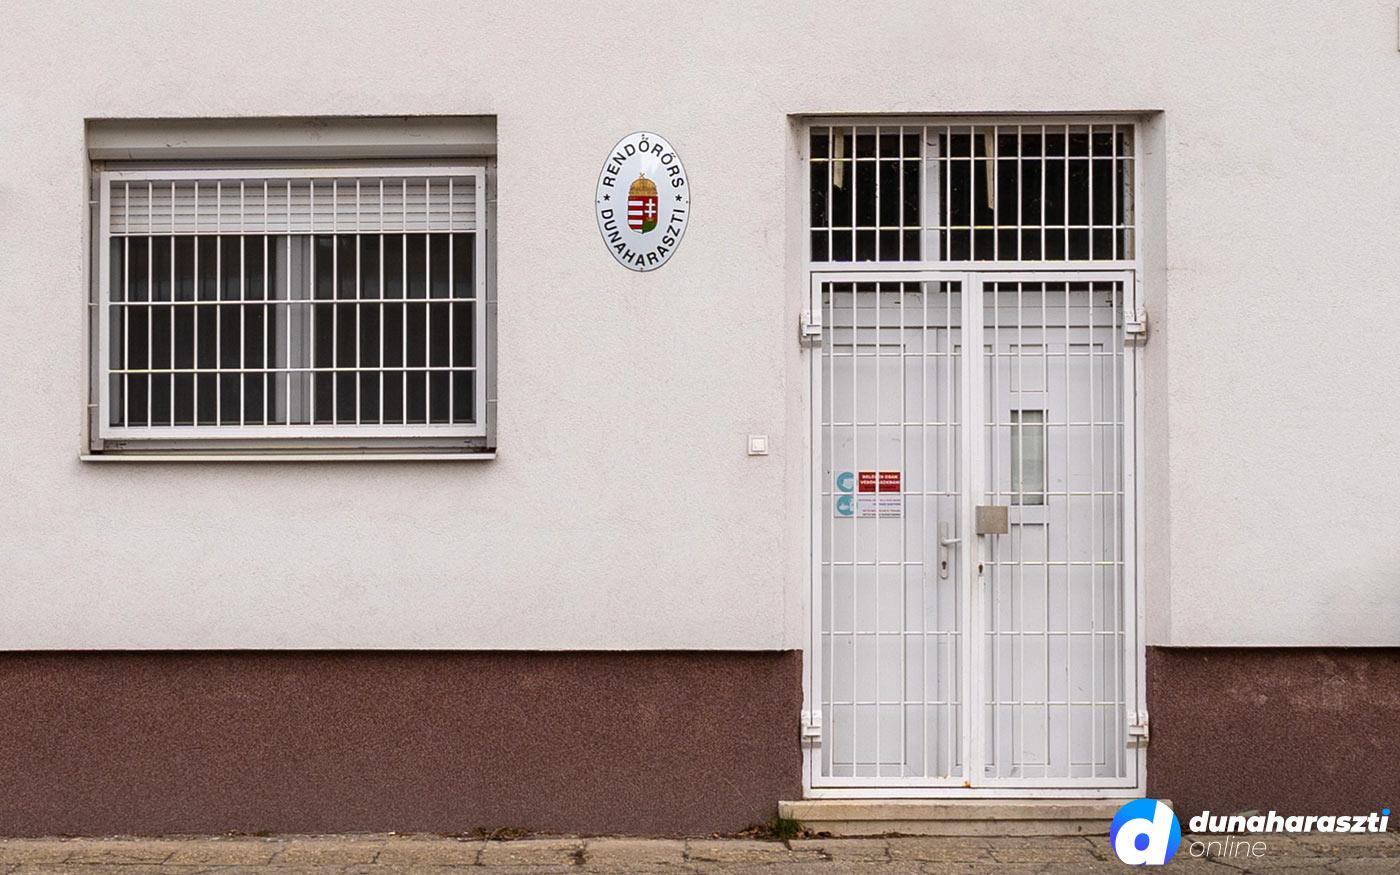 Növelné a közterületi jelenlétet Dunaharasztin a rendőrség